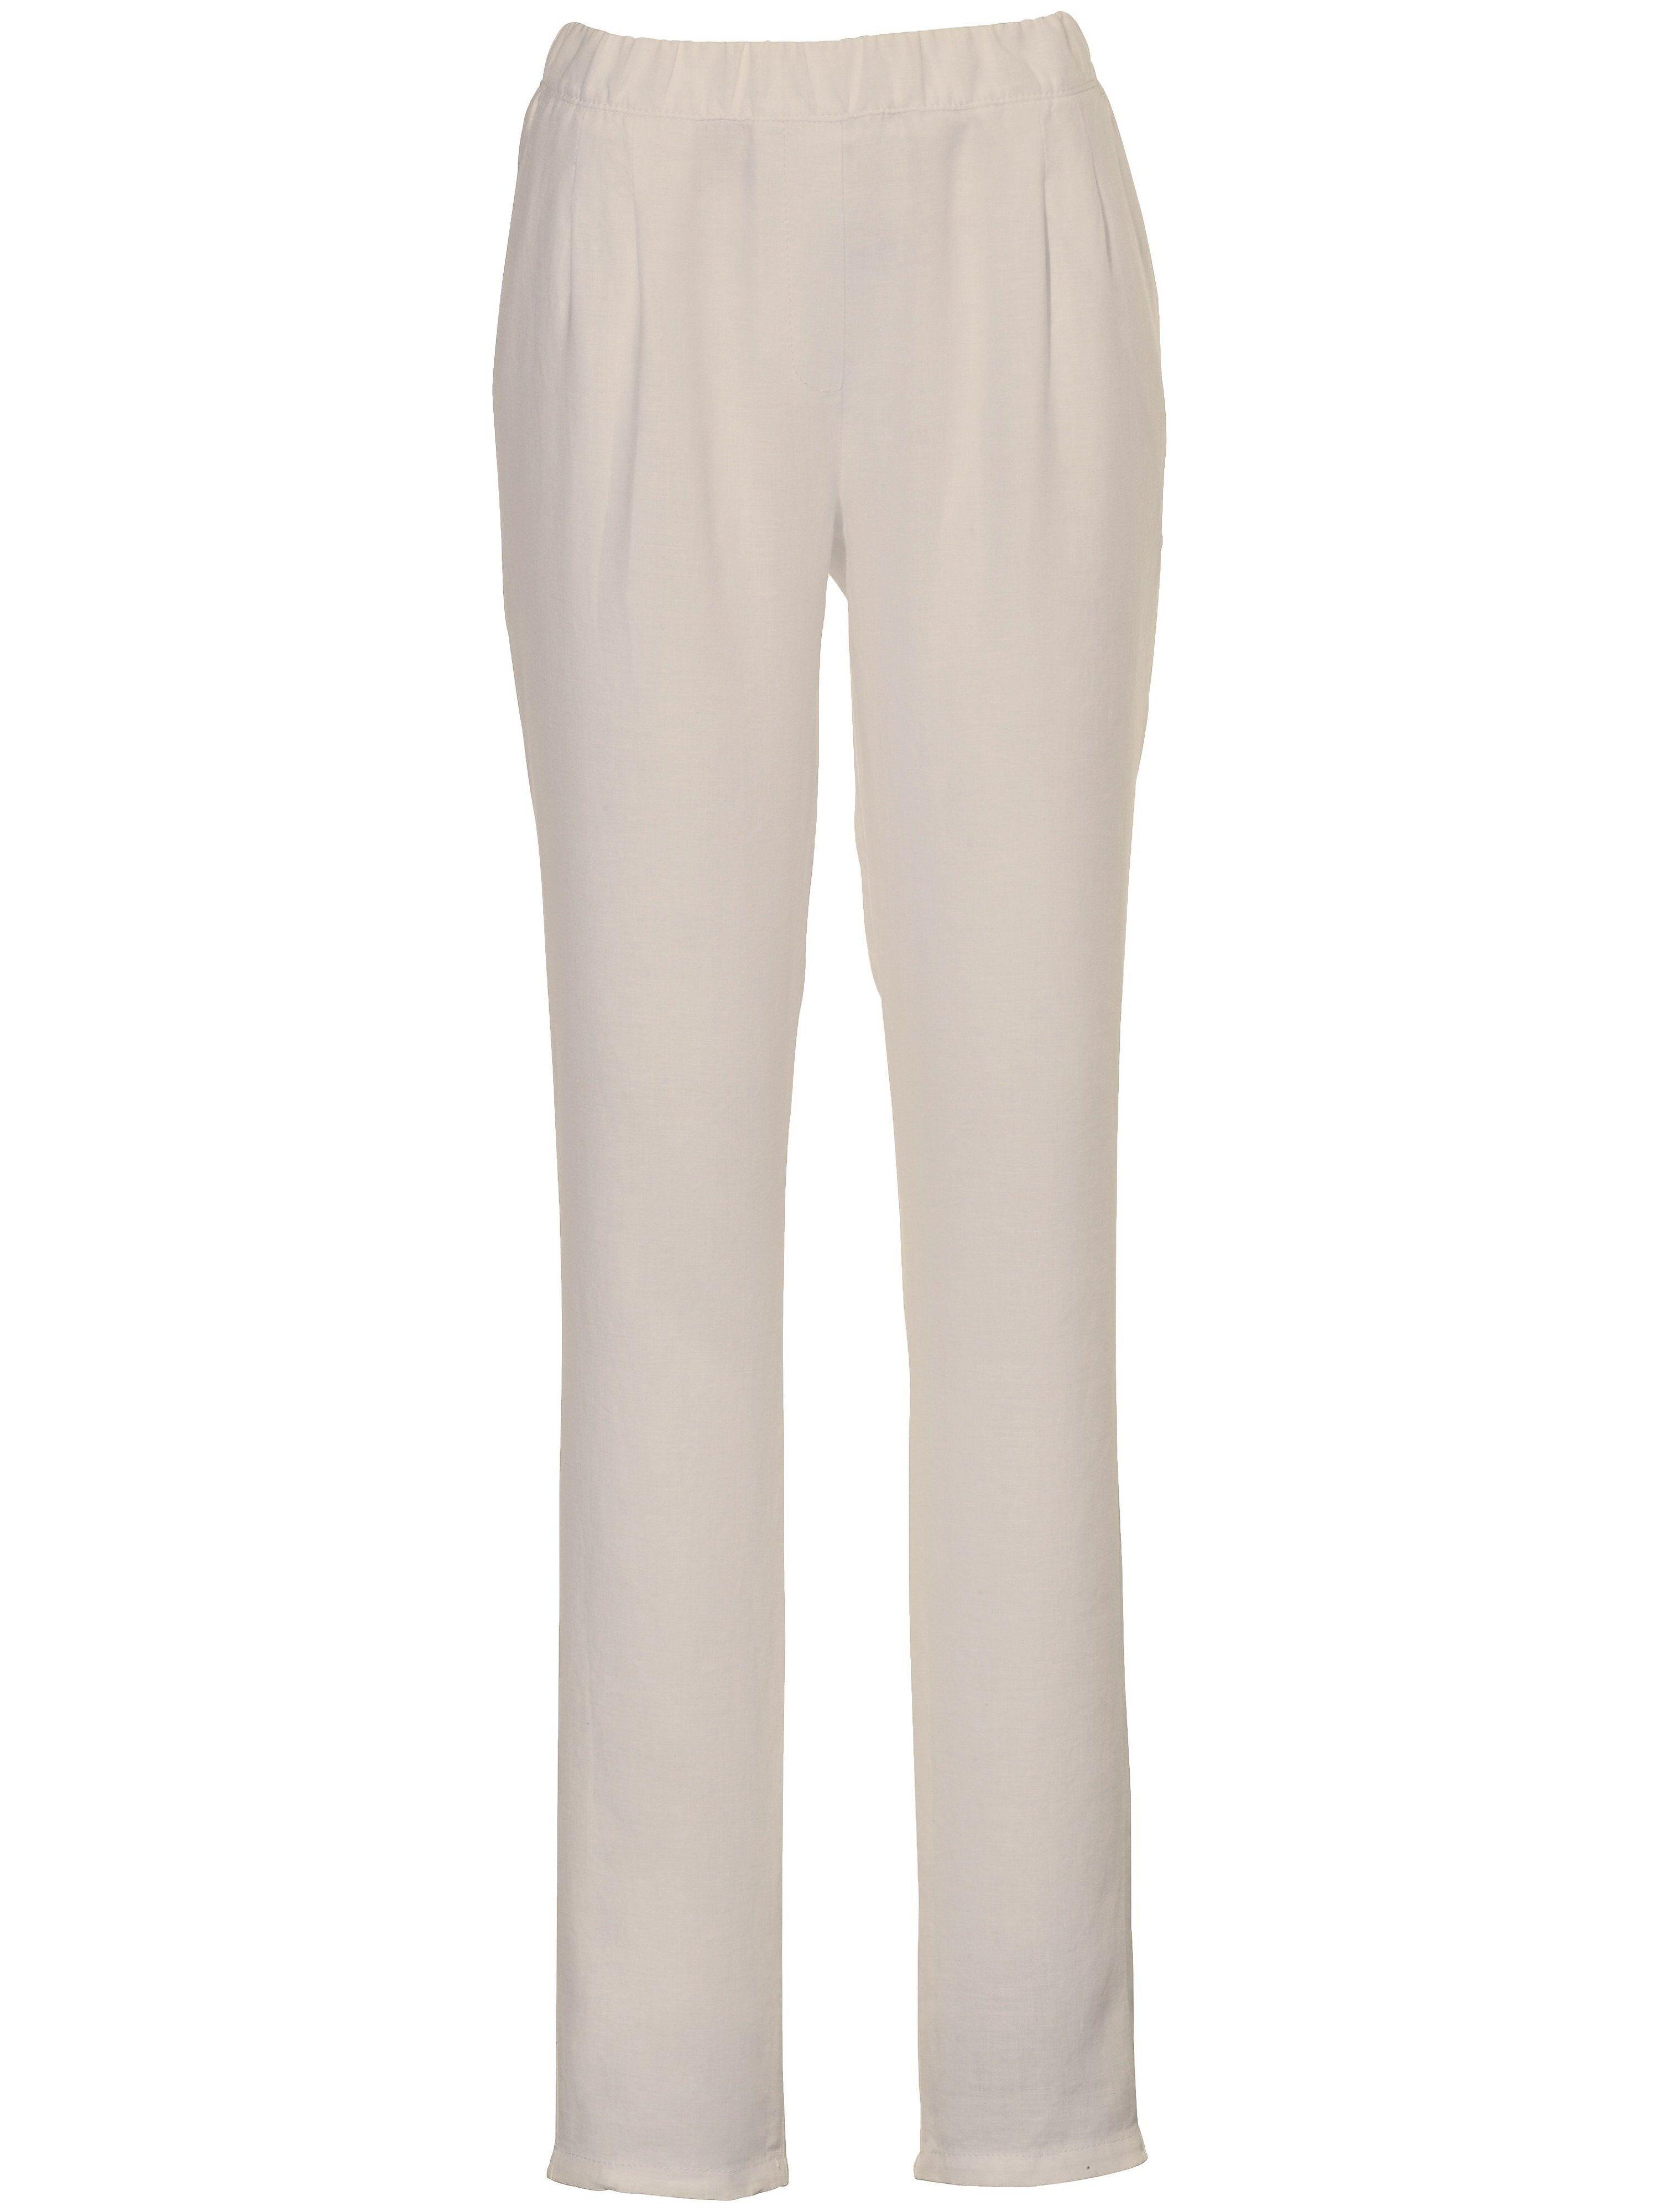 Peter Hahn Le pantalon à pinces  Peter Hahn beige  - Femme - 19